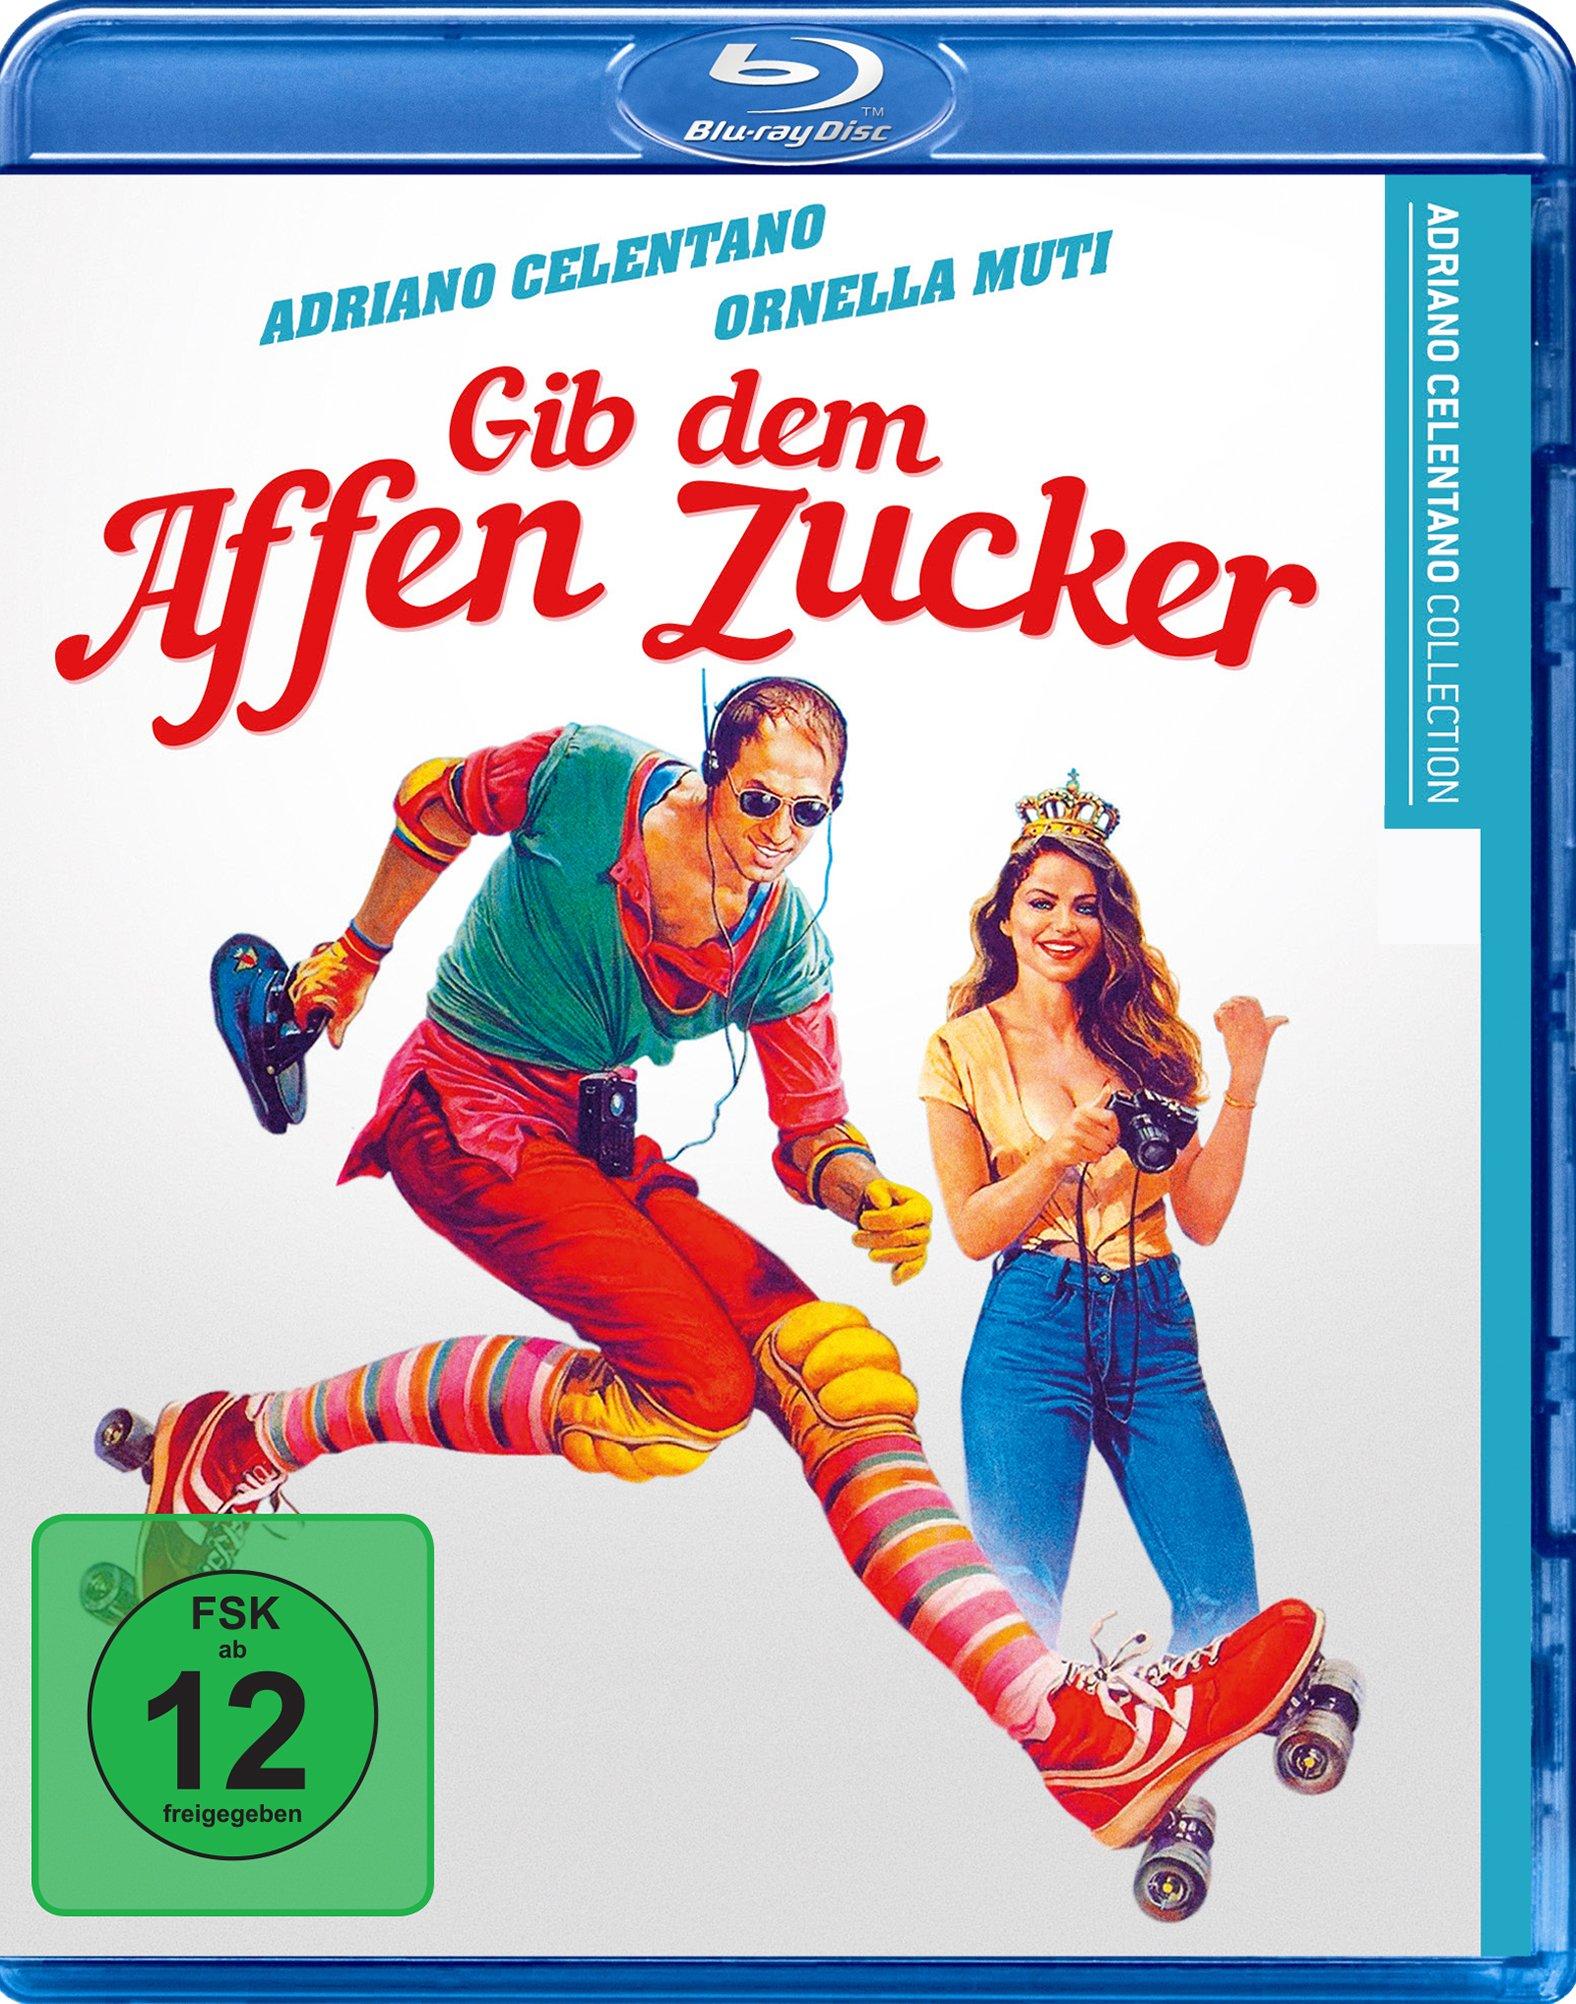 Gib.dem.Affen.Zucker.1981.REMASTERED.German.1080p.BluRay.x264-SPiCY